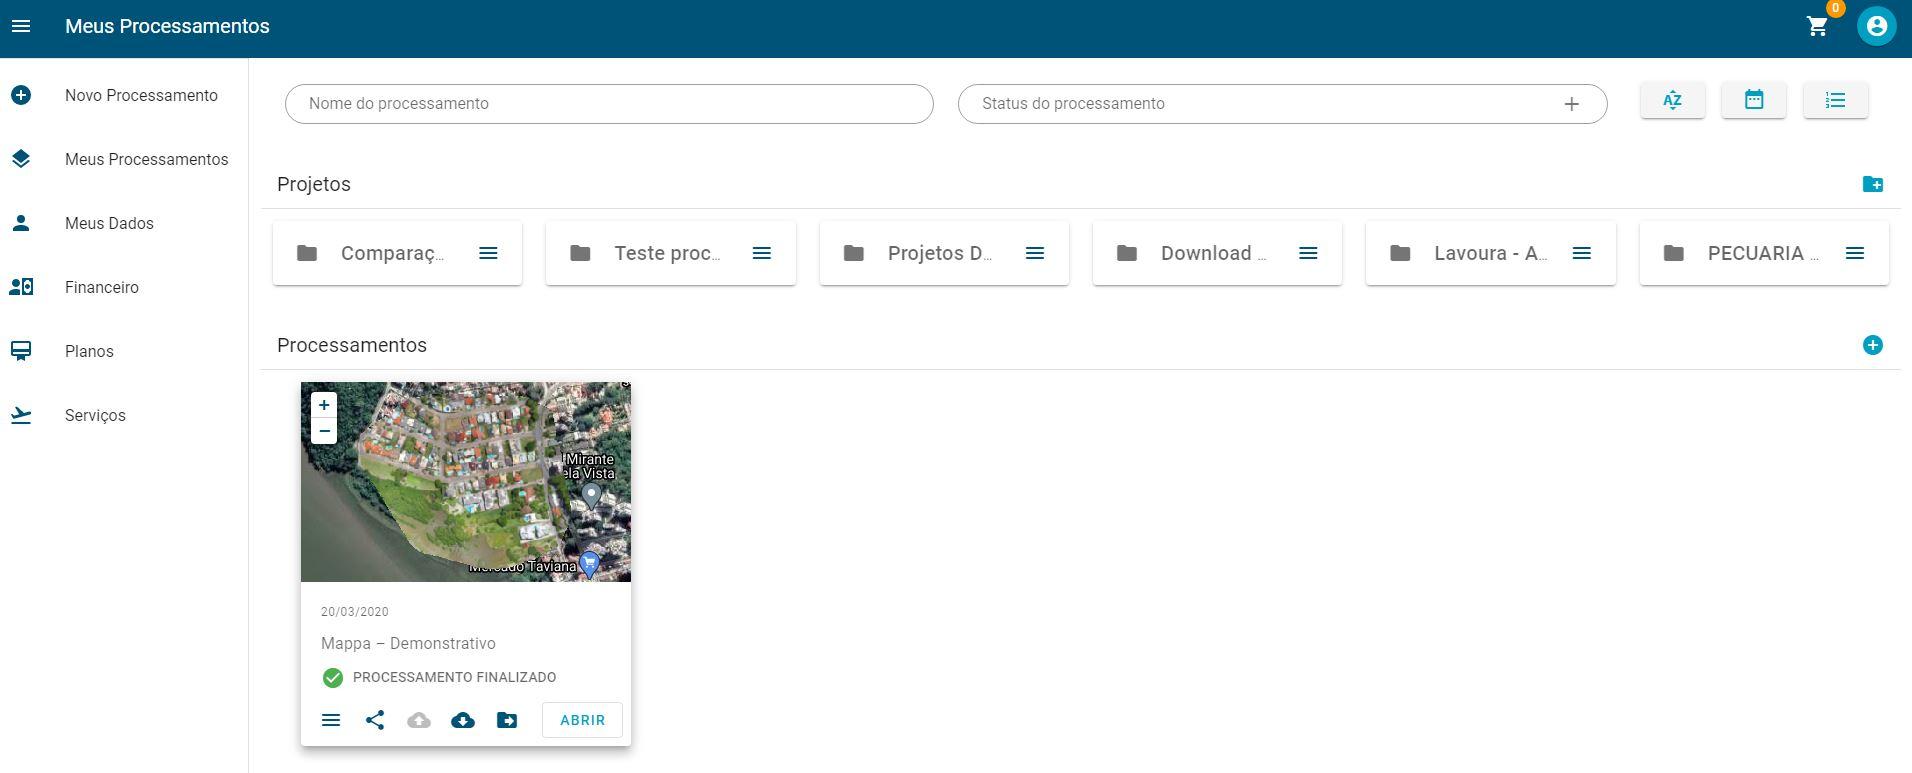 captura de tela do dashboard da plataforma de processamento de imagens de drones mappa